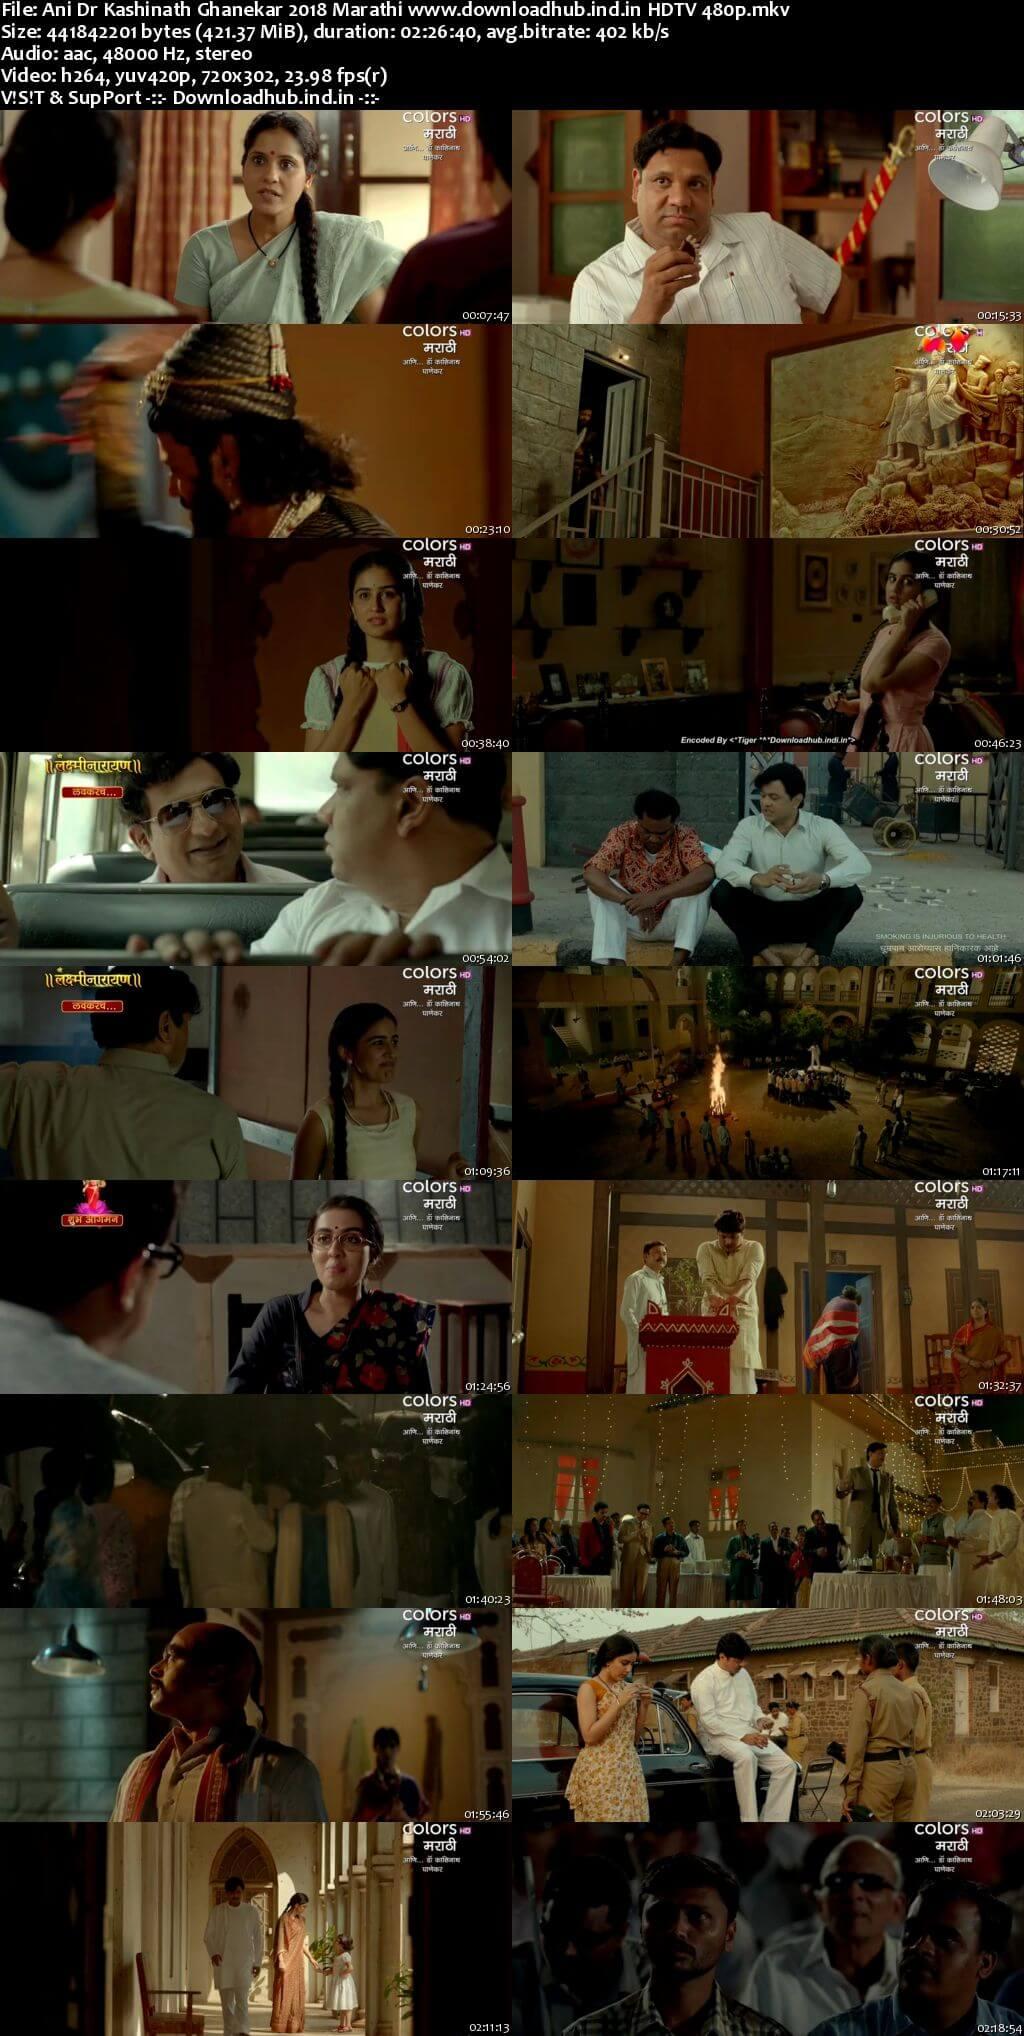 Ani Dr Kashinath Ghanekar 2018 Full Movie Marathi 400MB HDTV 480p